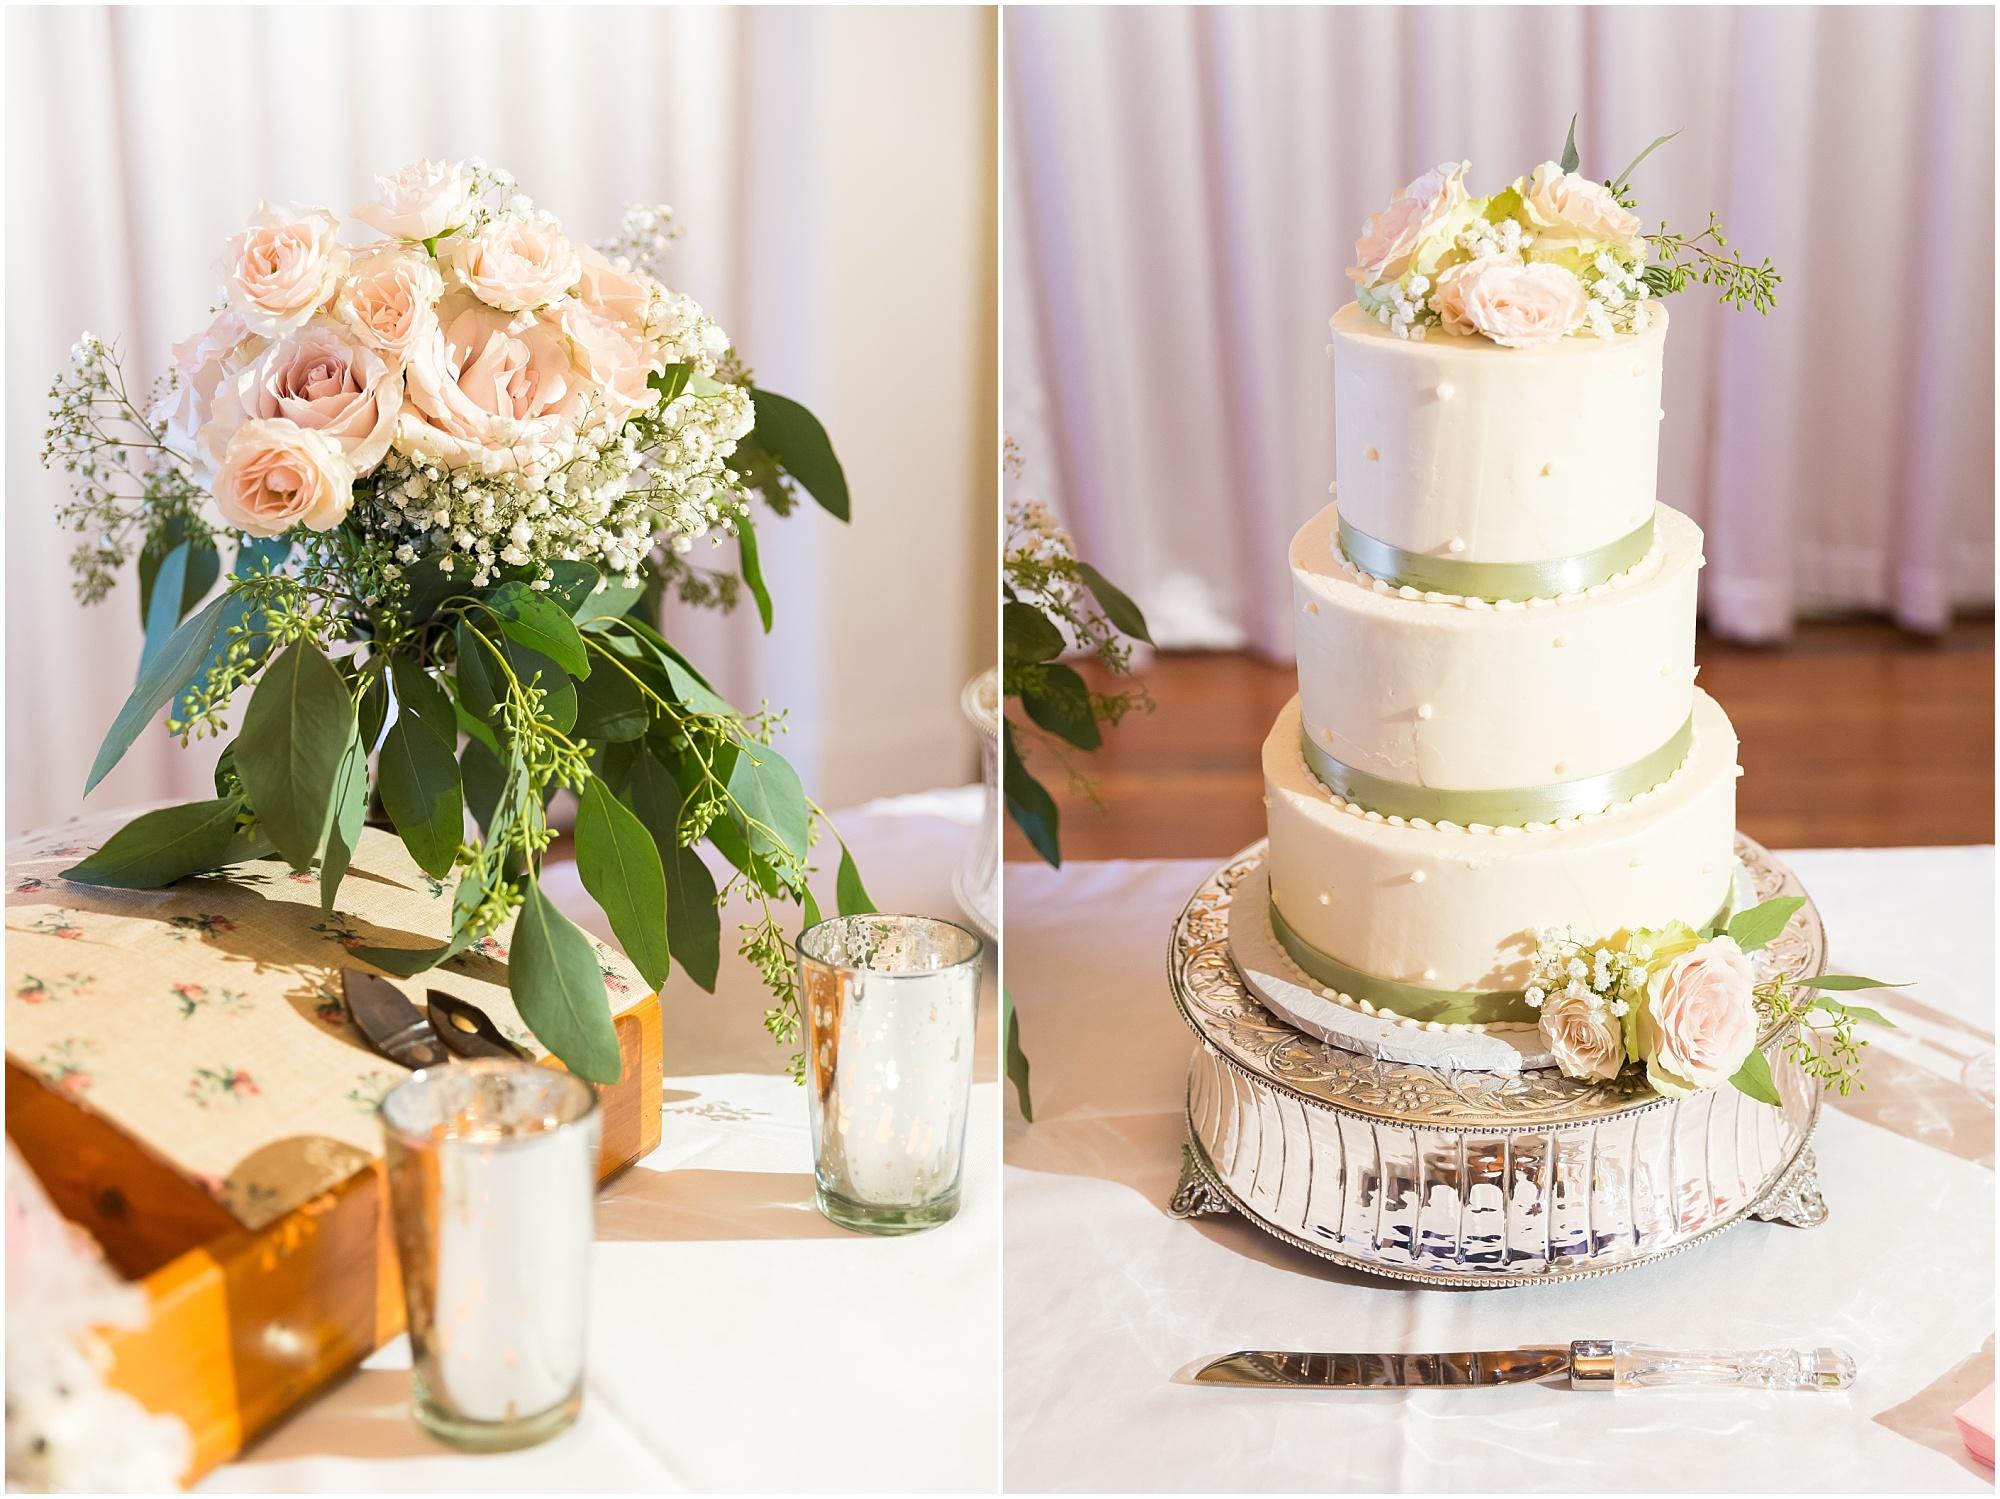 White buttercream wedding cake with pink roses - Jason & Melaina Photography - www.jasonandmelaina.com